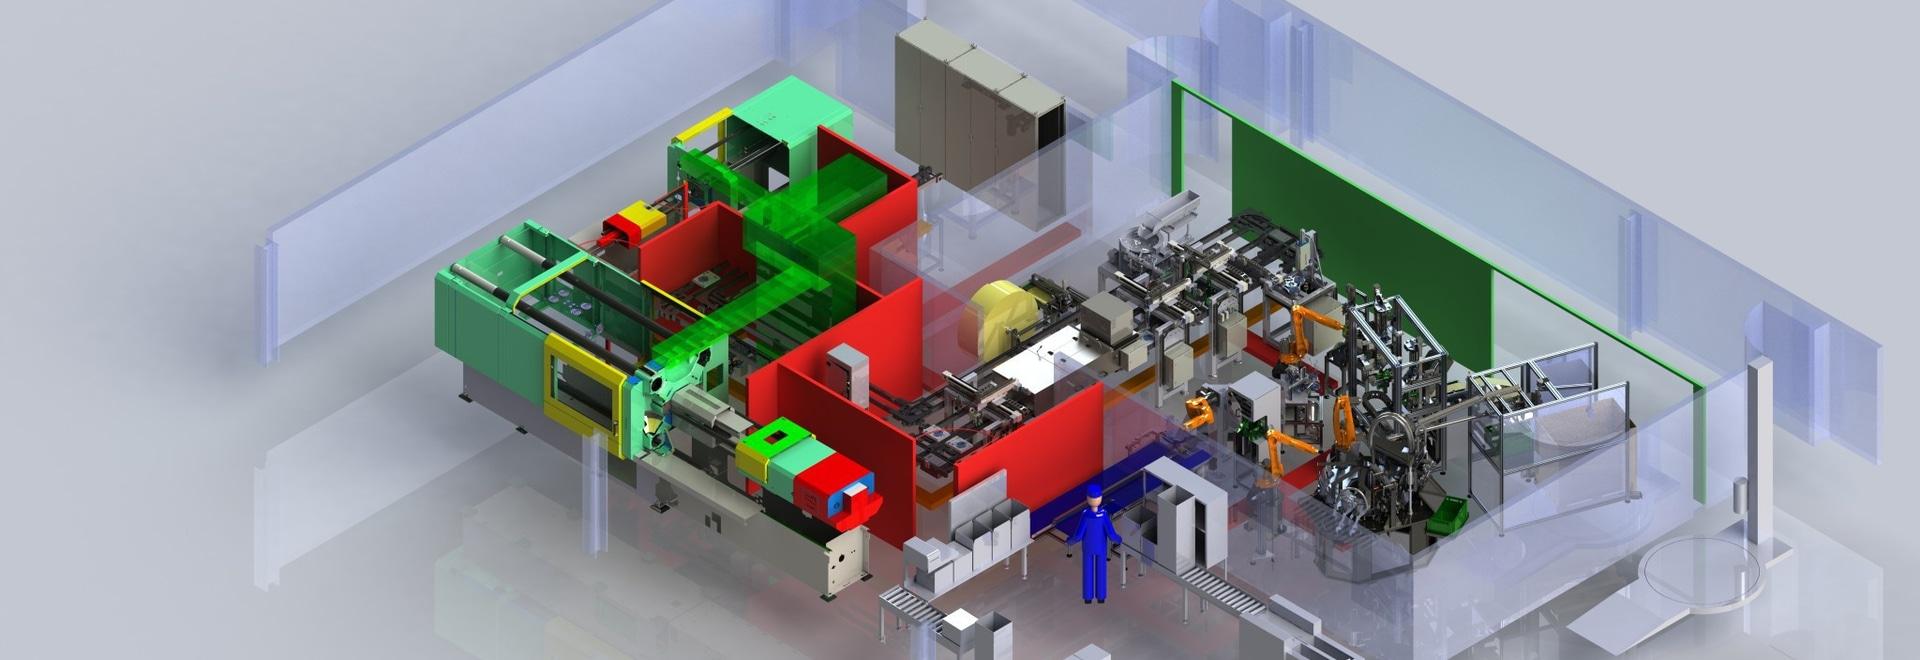 bancos del robomotion en la experiencia componente de MISUMI para aerodinamizar procesos de fabricación